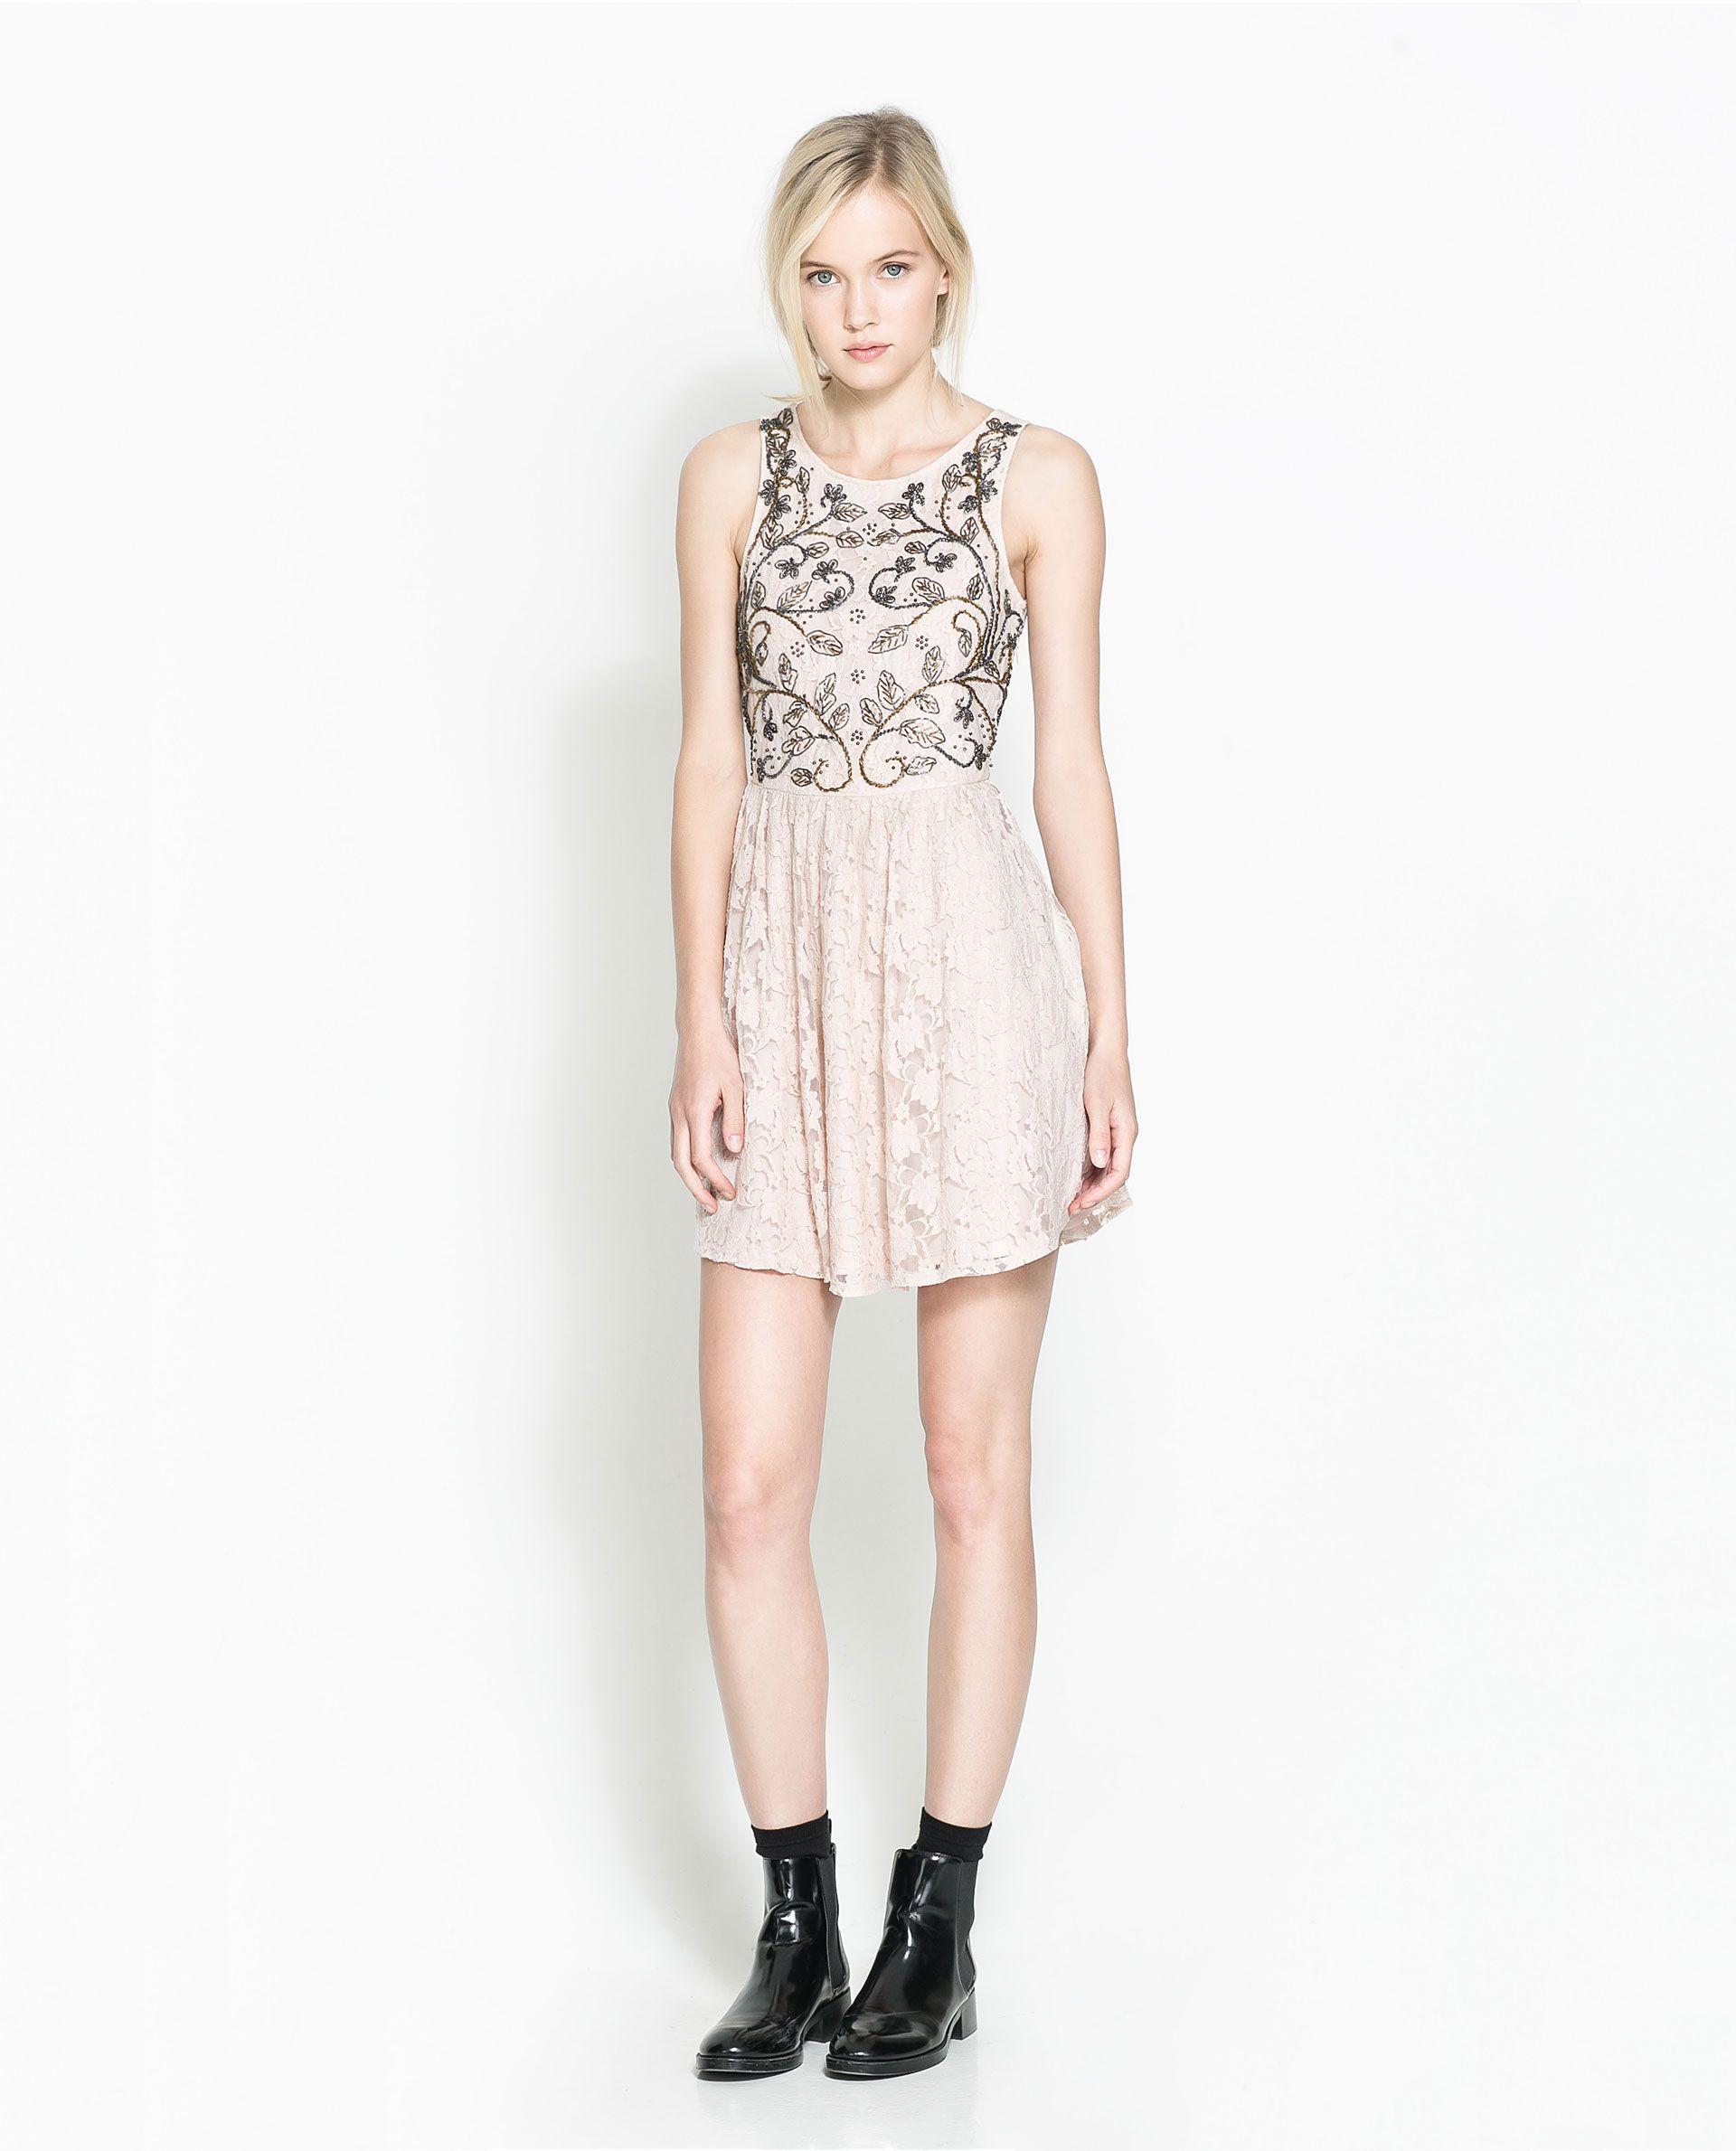 Ungewöhnlich Zara Prom Dresses Bilder - Brautkleider Ideen ...